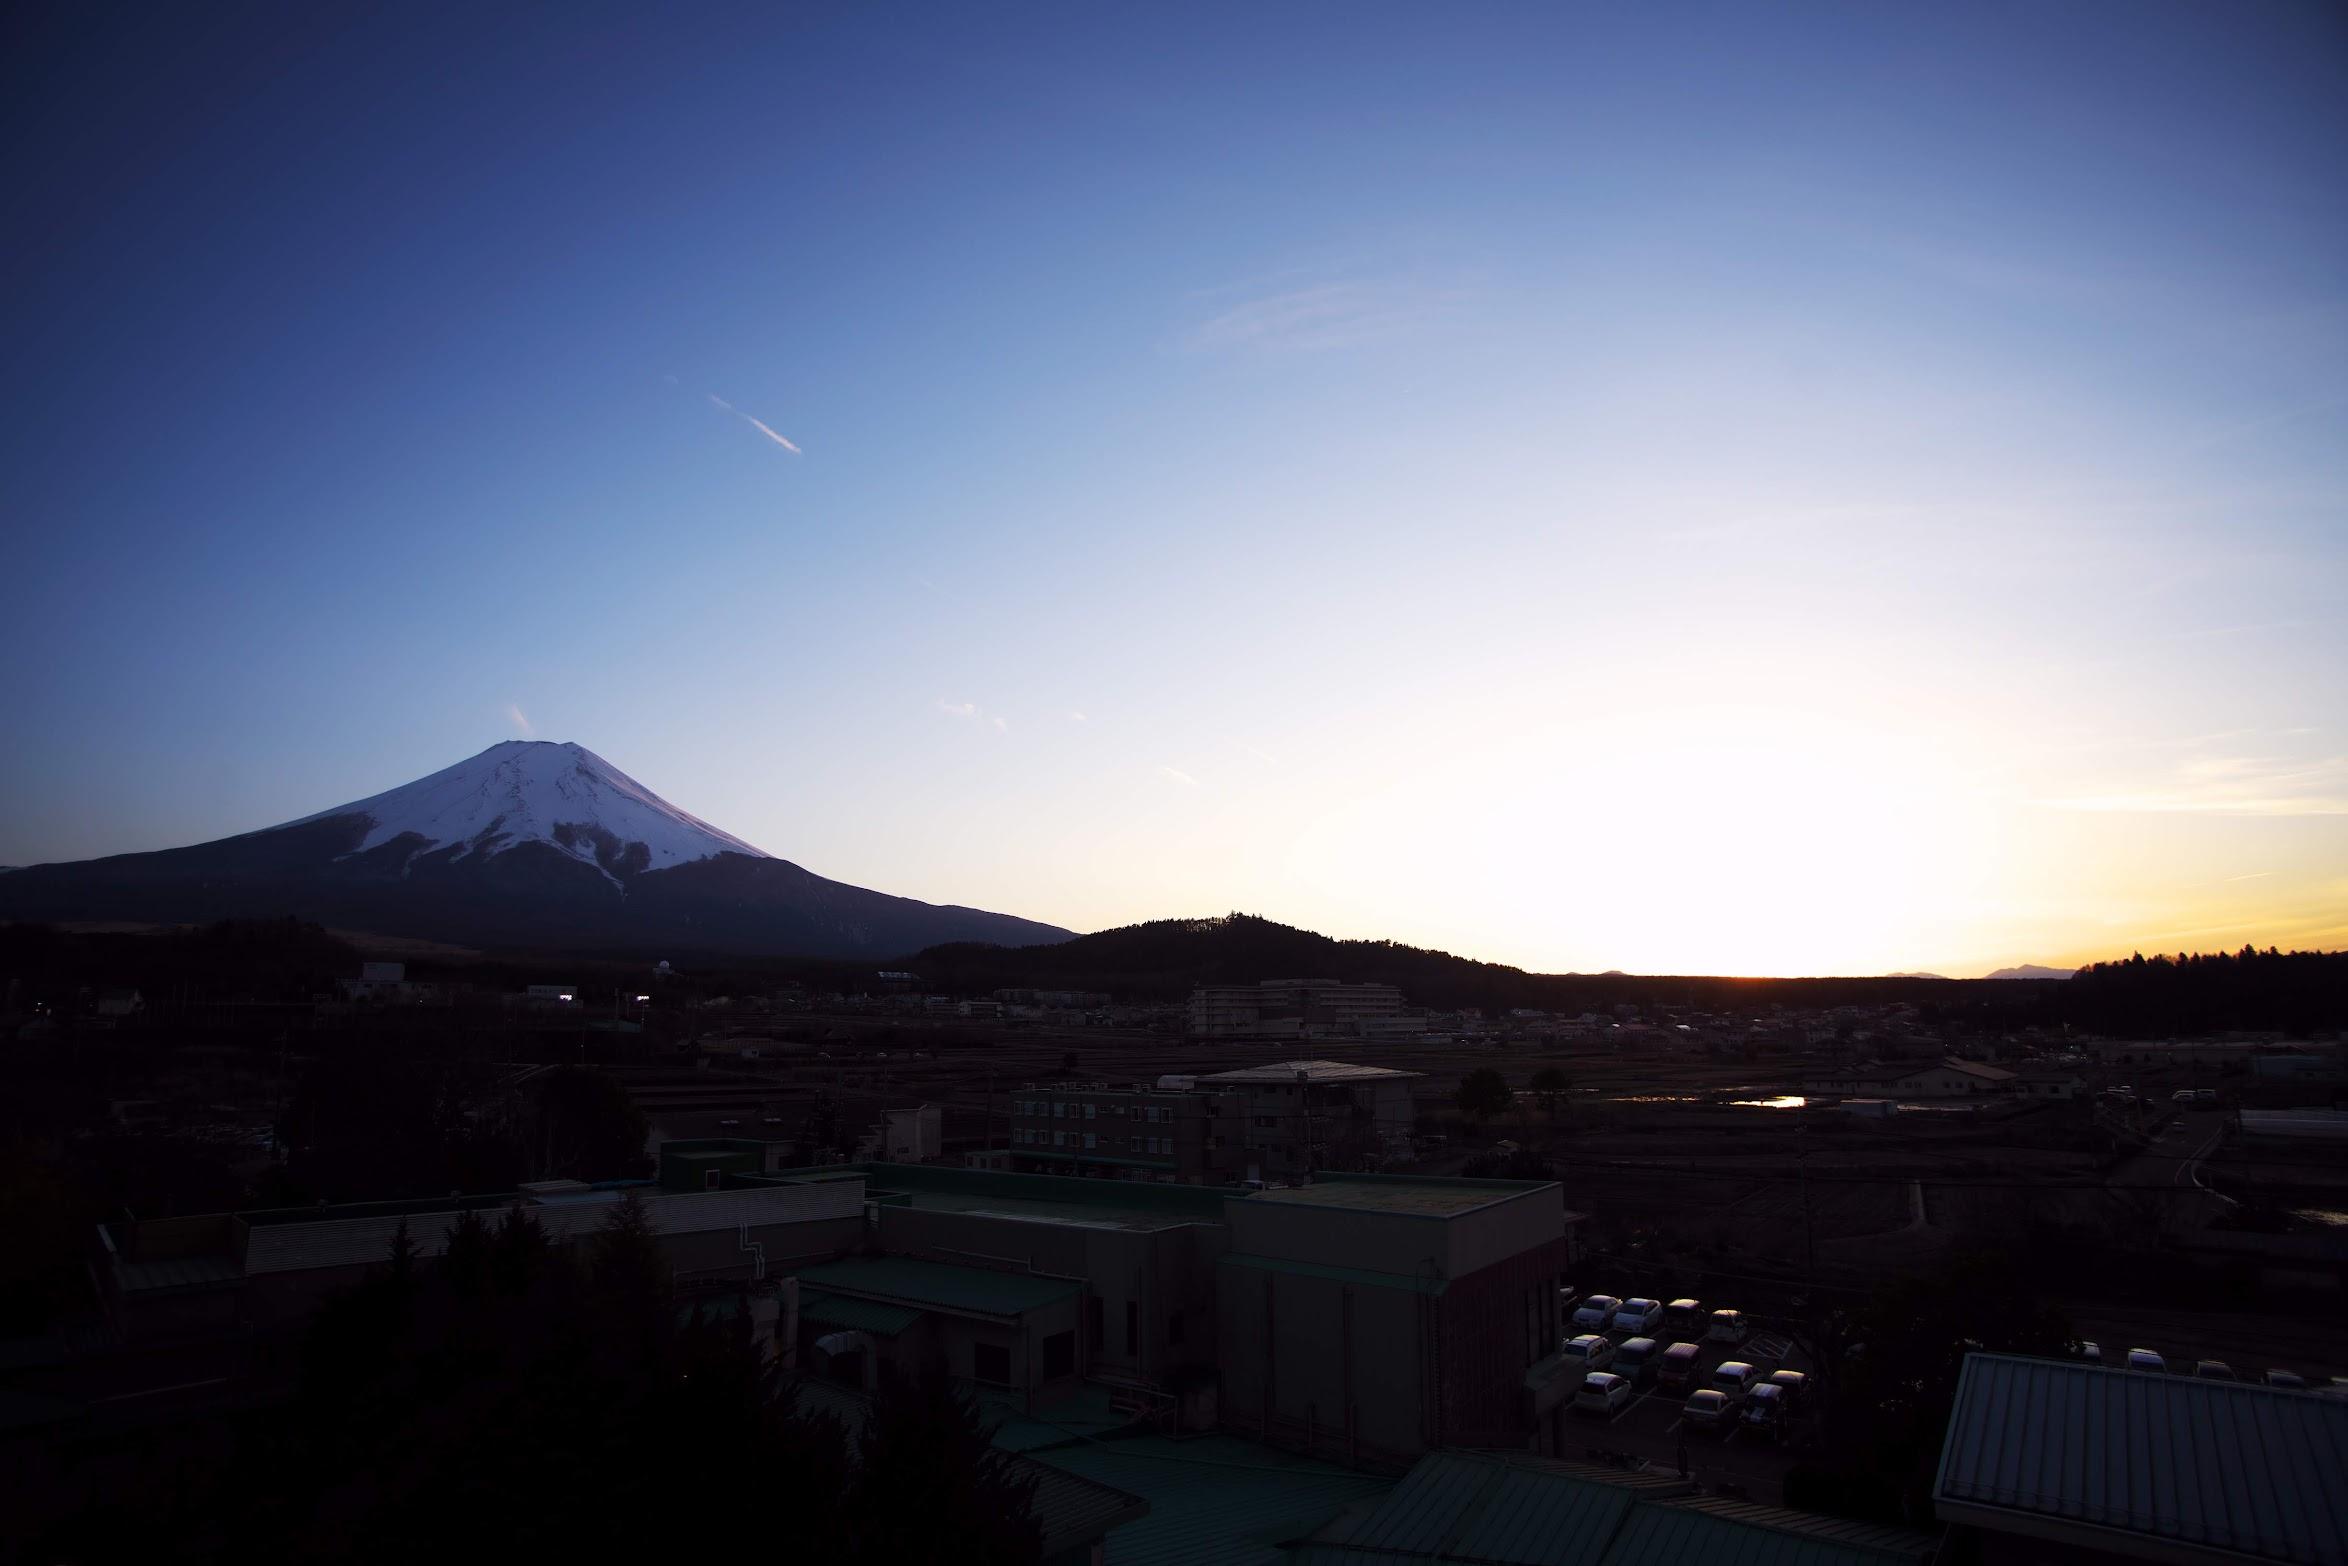 山梨県 富士山温泉観光